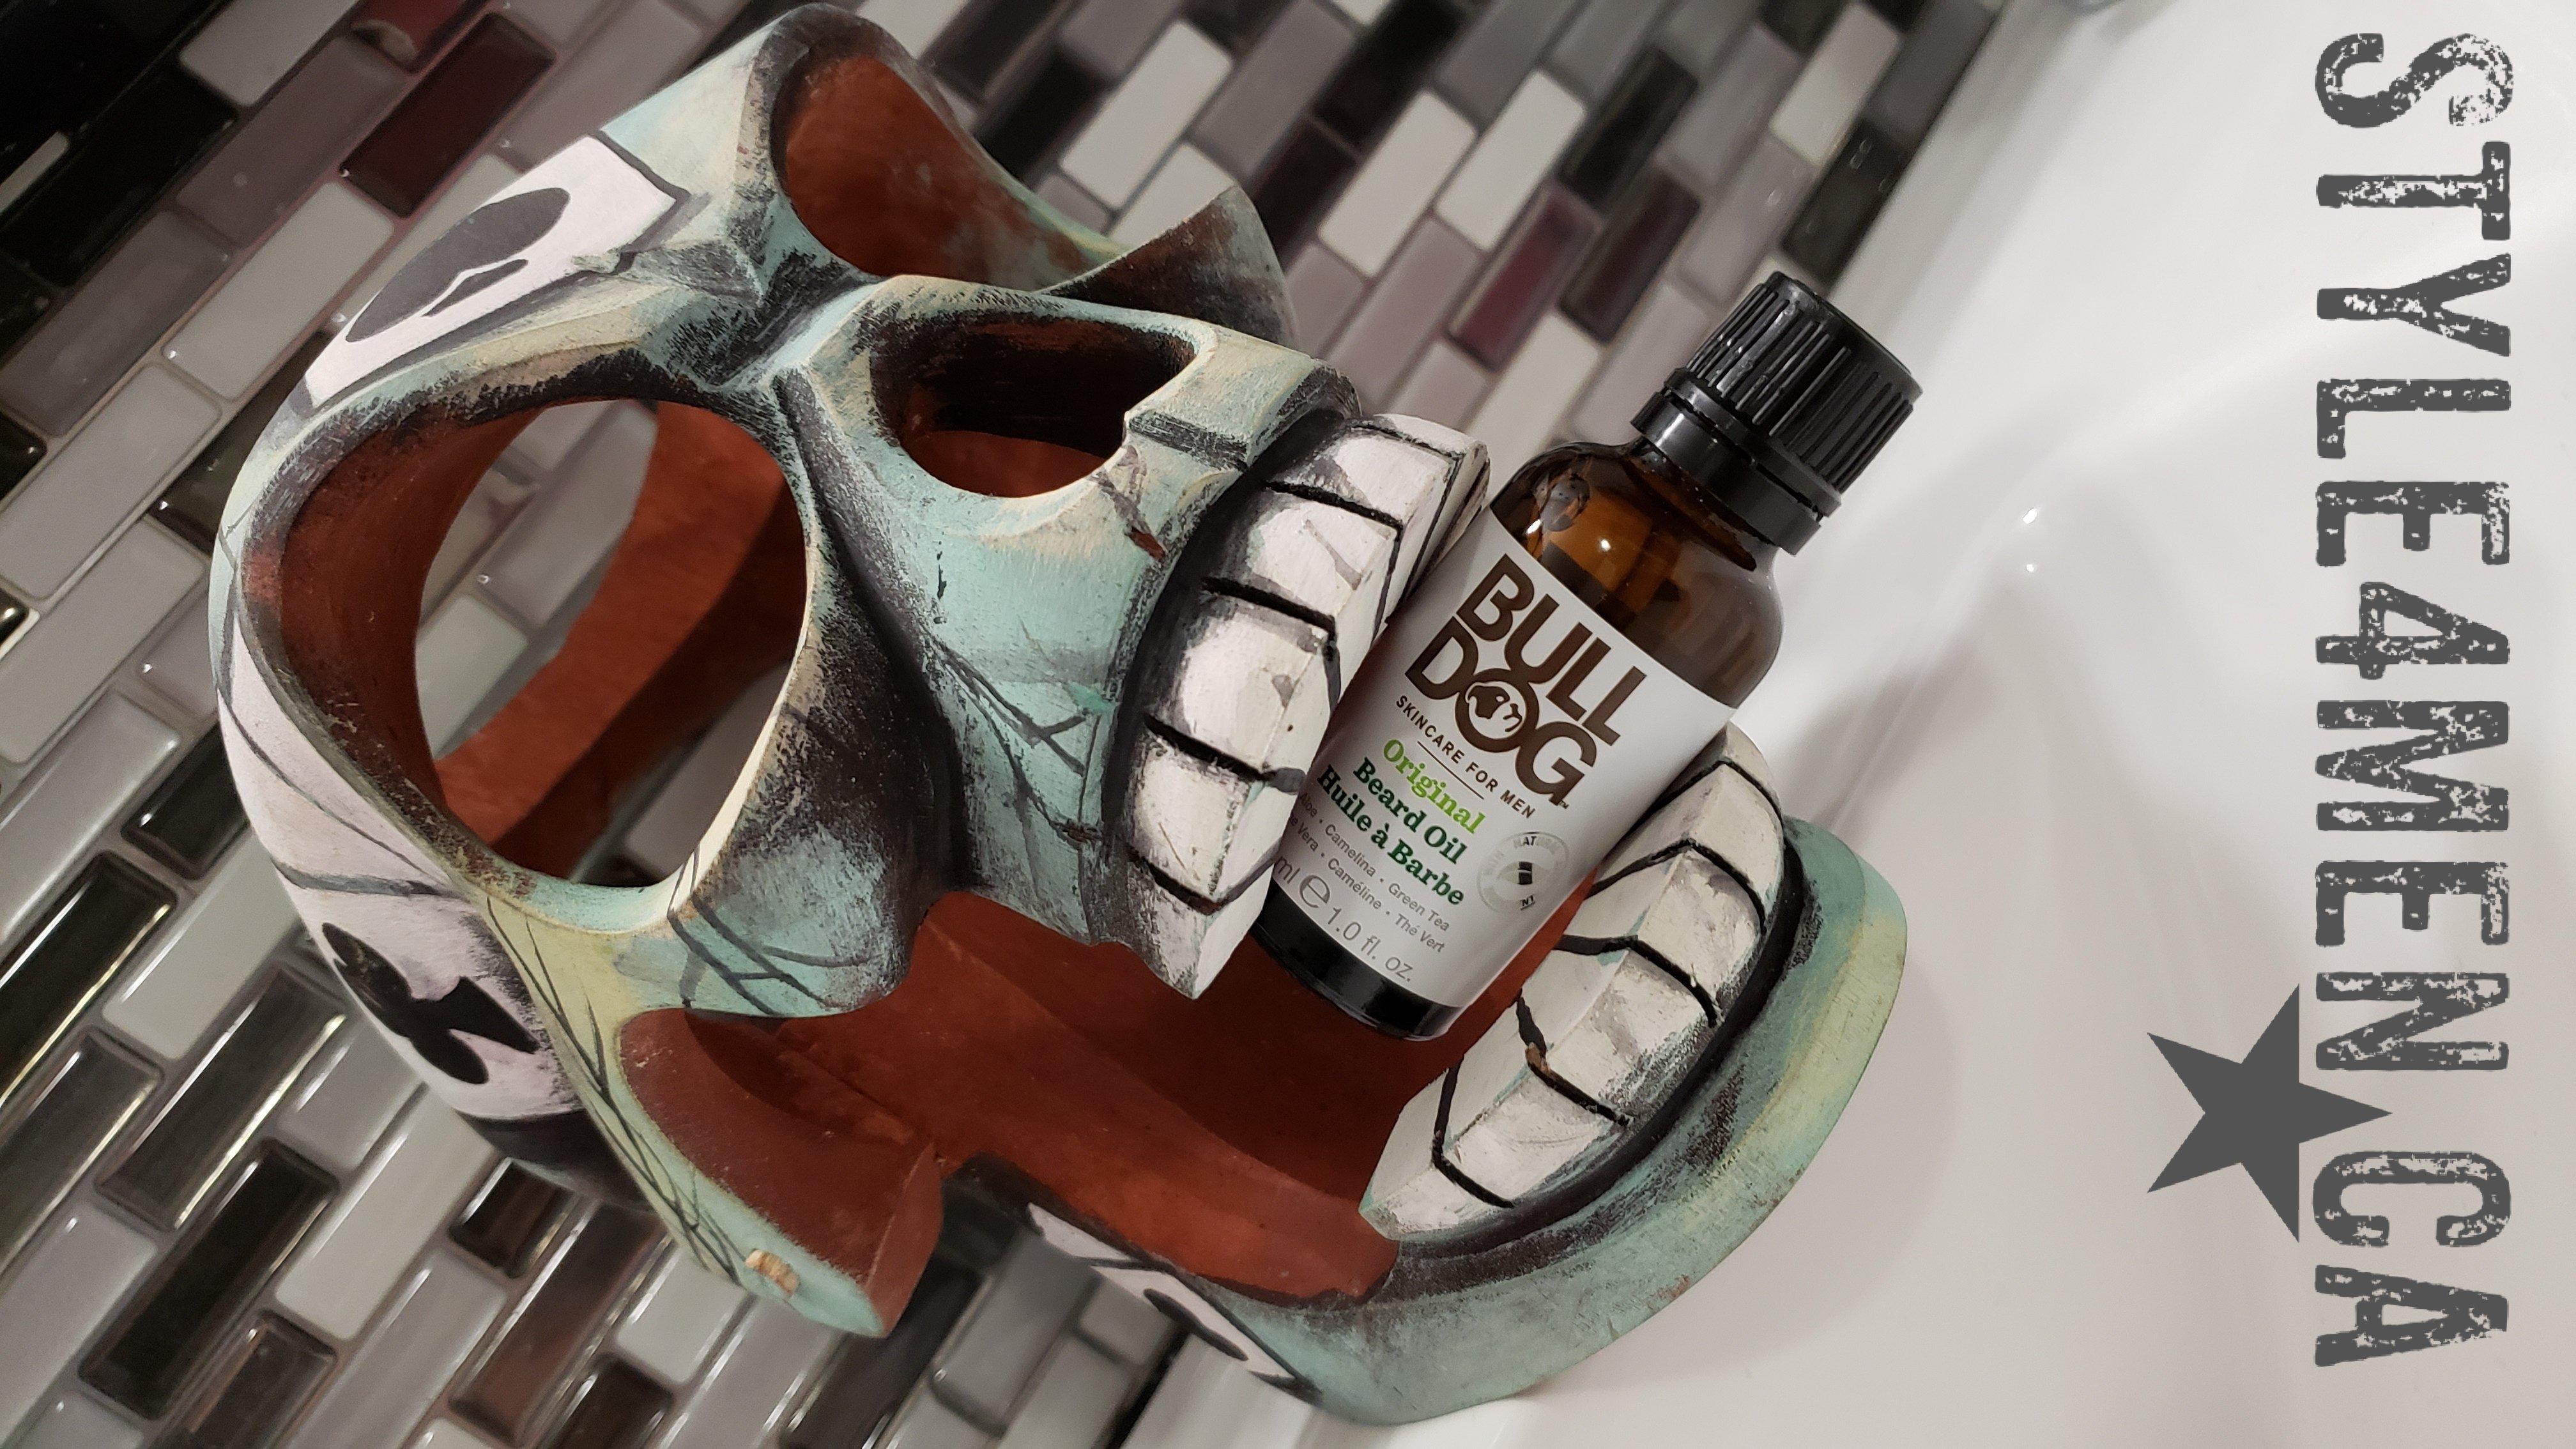 Bull Dog Beard Oil